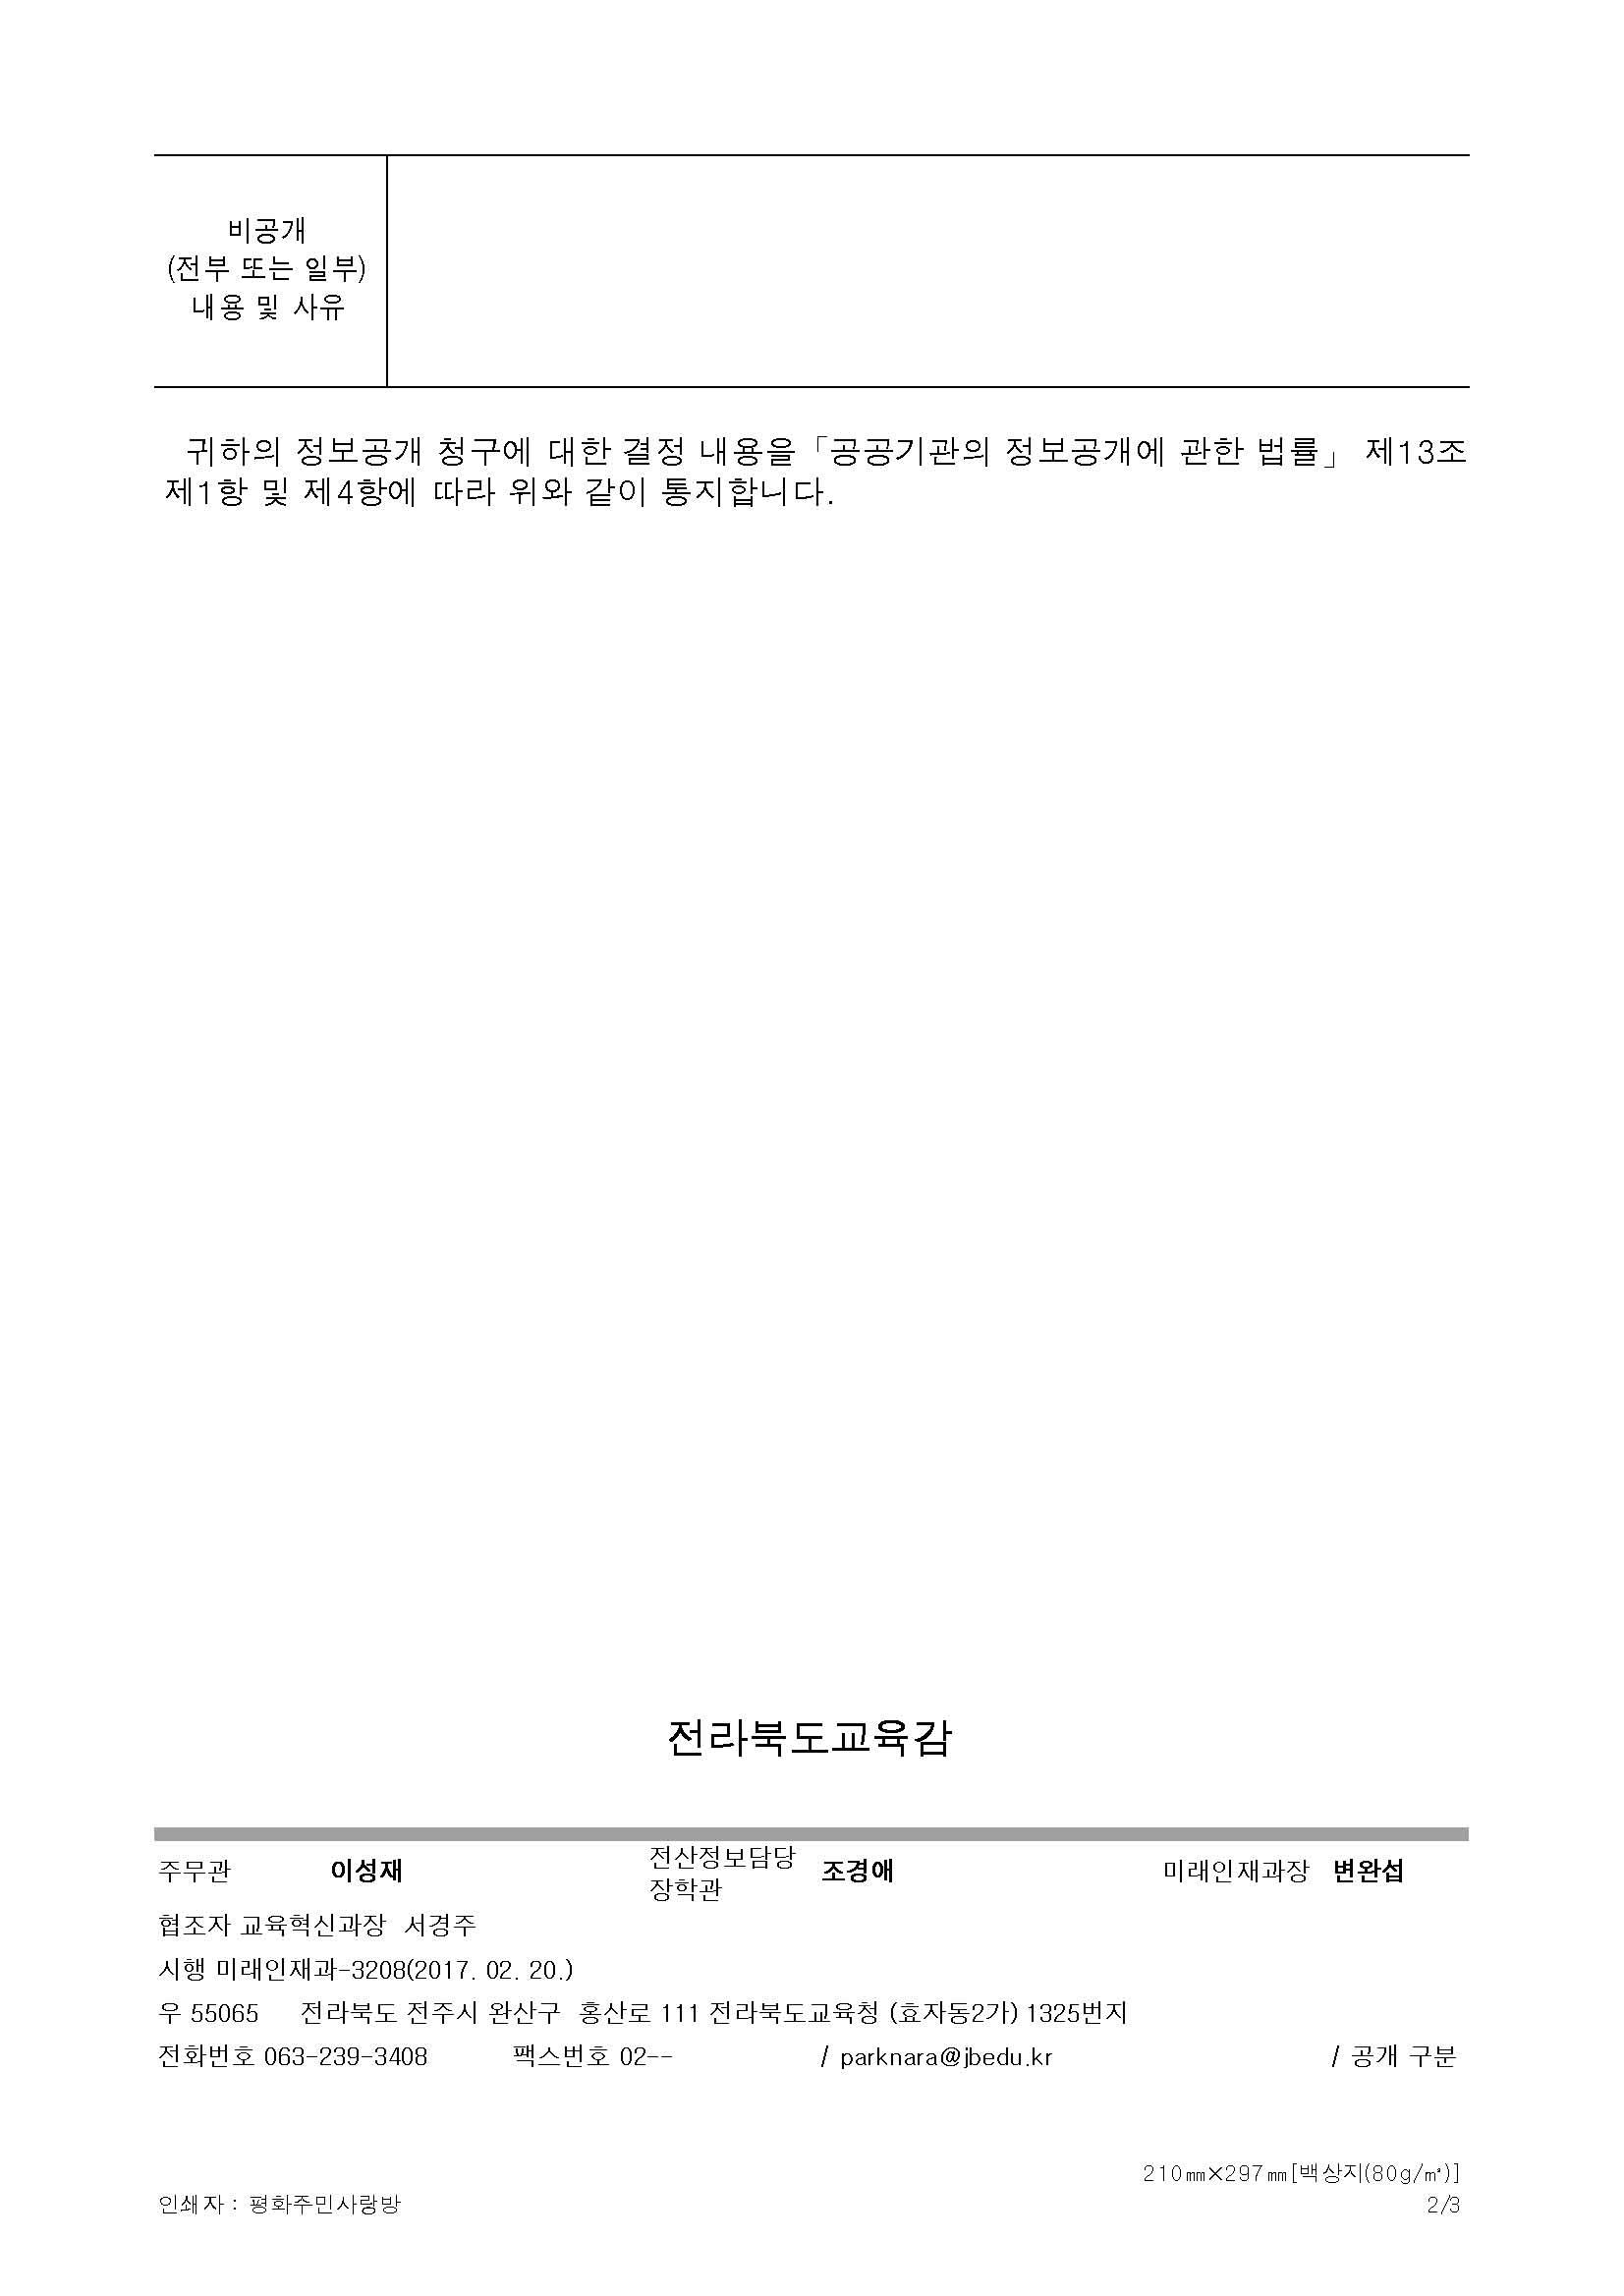 전북도교육청 미래인재과-3208(2017.2.21)_페이지_2.jpg